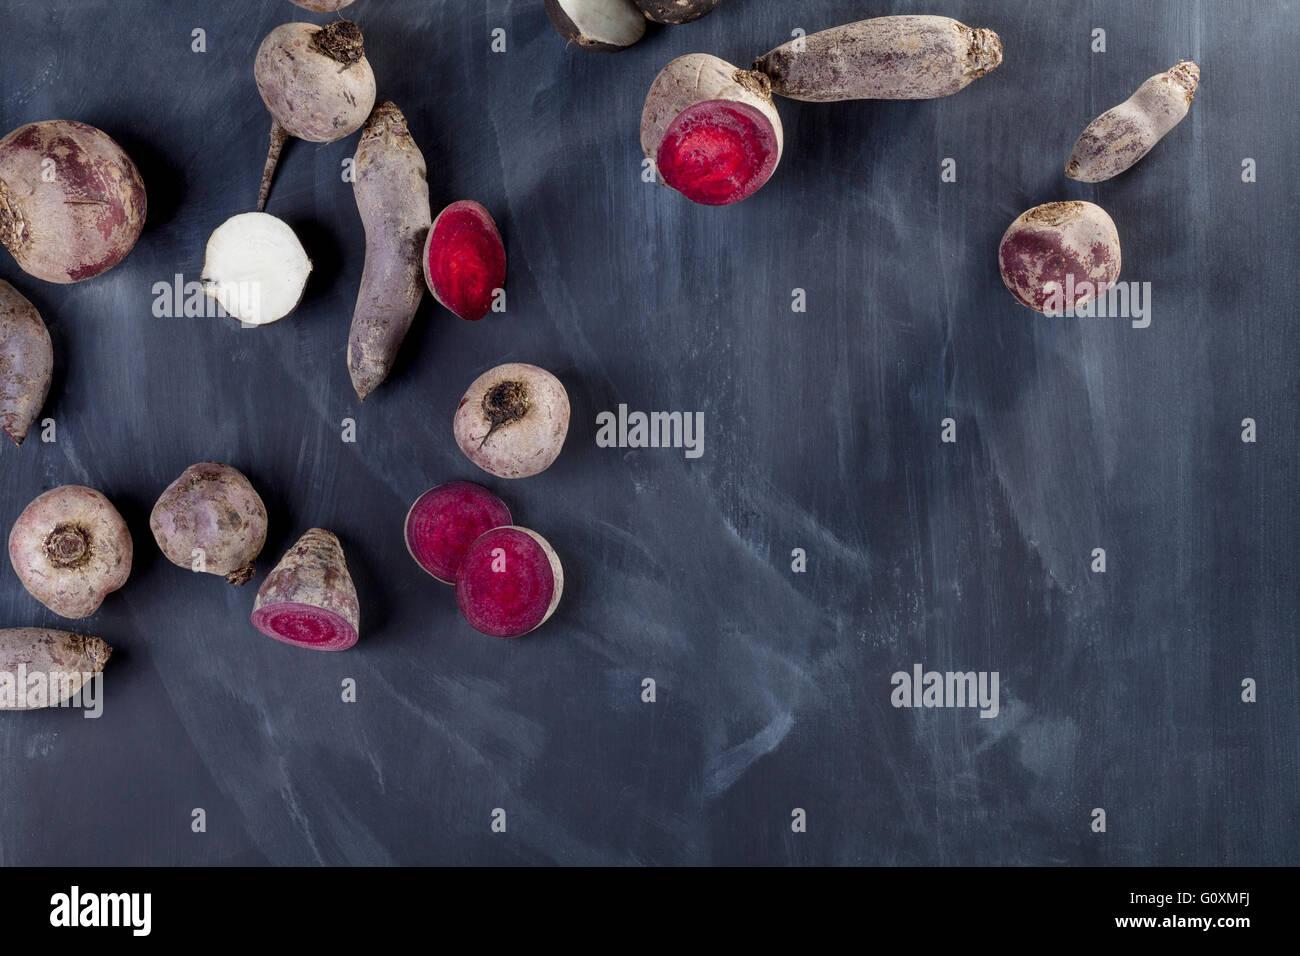 La remolacha y las lonchas de nabo en pizarra desde el comienzo Imagen De Stock